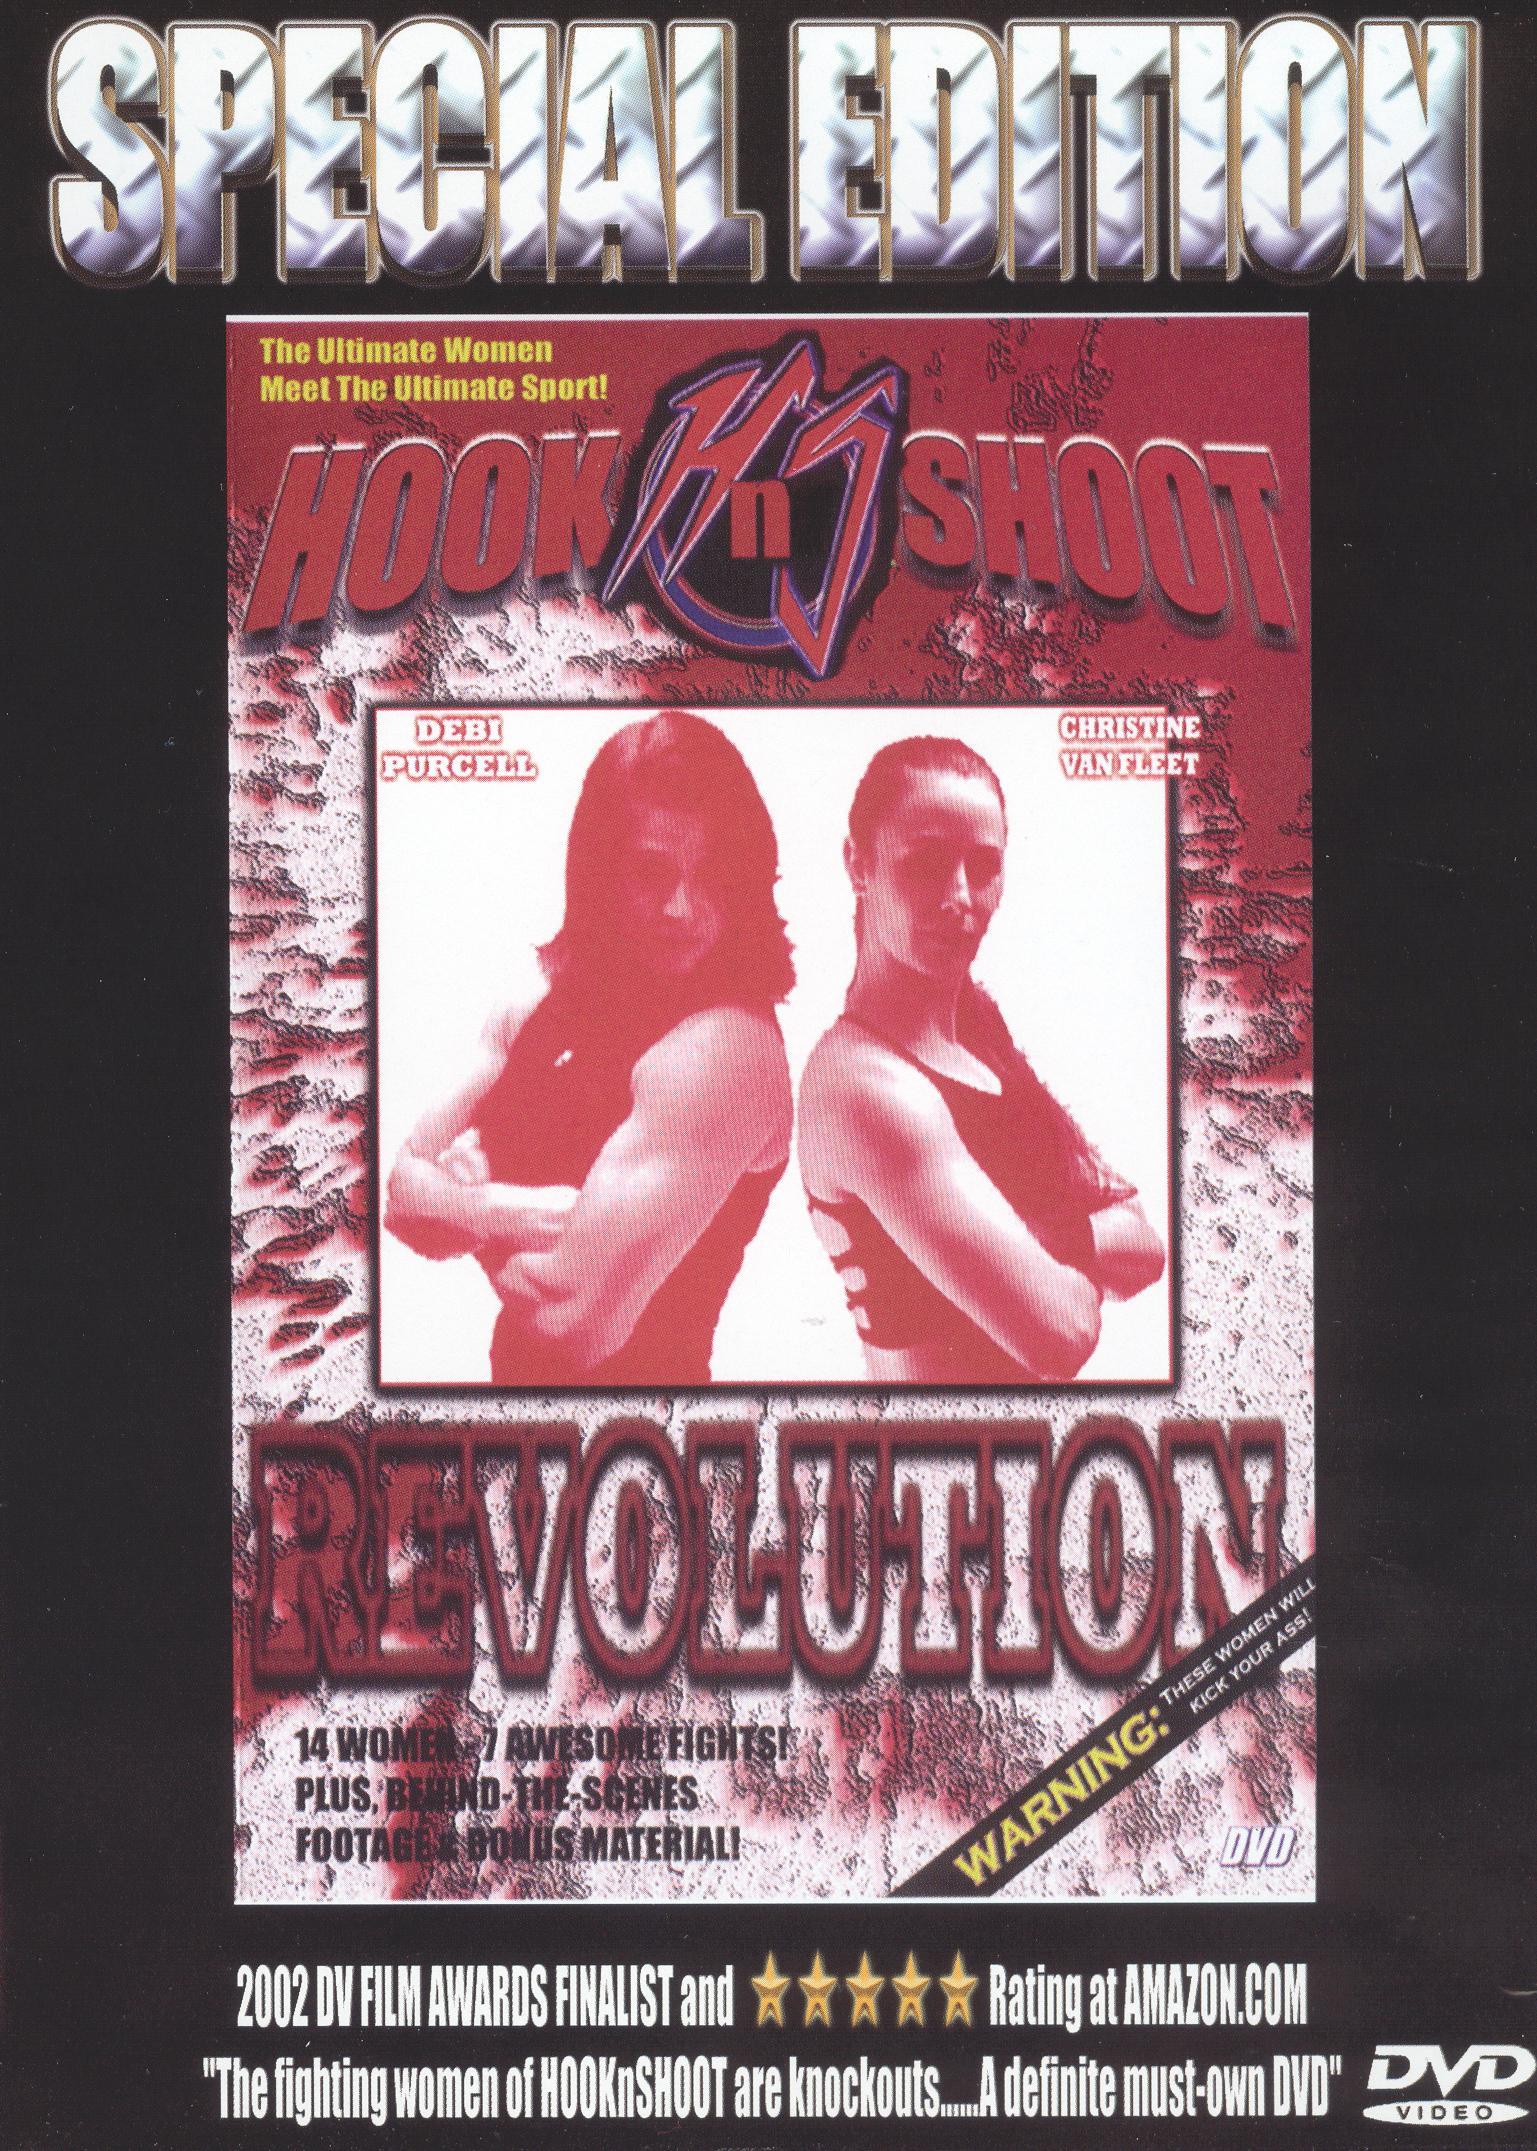 Hook 'N Shoot Revolution: Special Edition